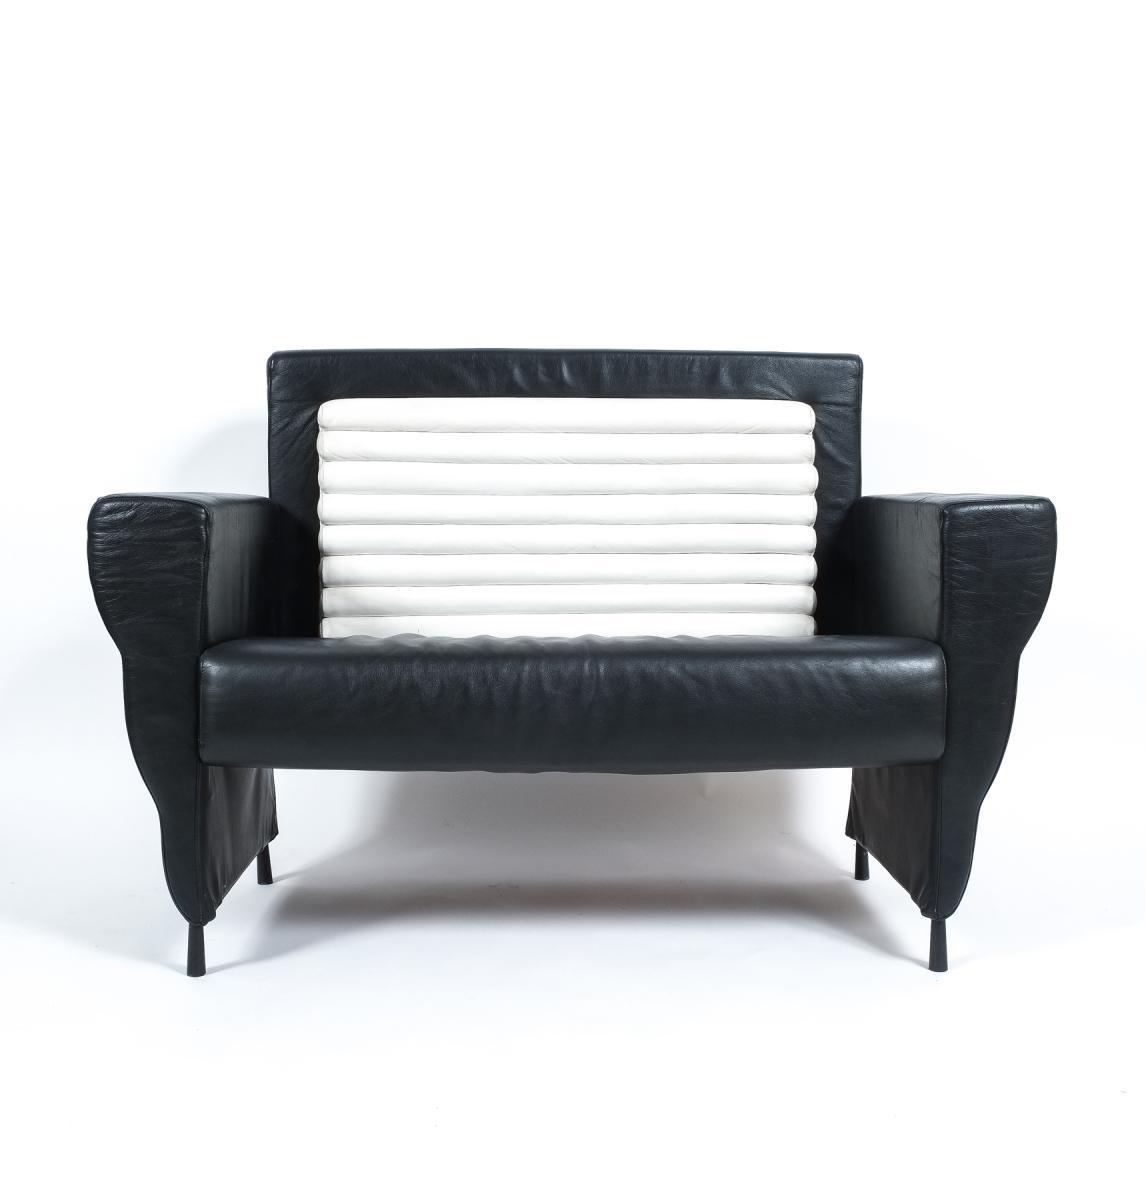 Flessuosa Series Black & White Leather Sofaugo La Pietra For In Black And White Leather Sofas (Image 13 of 20)